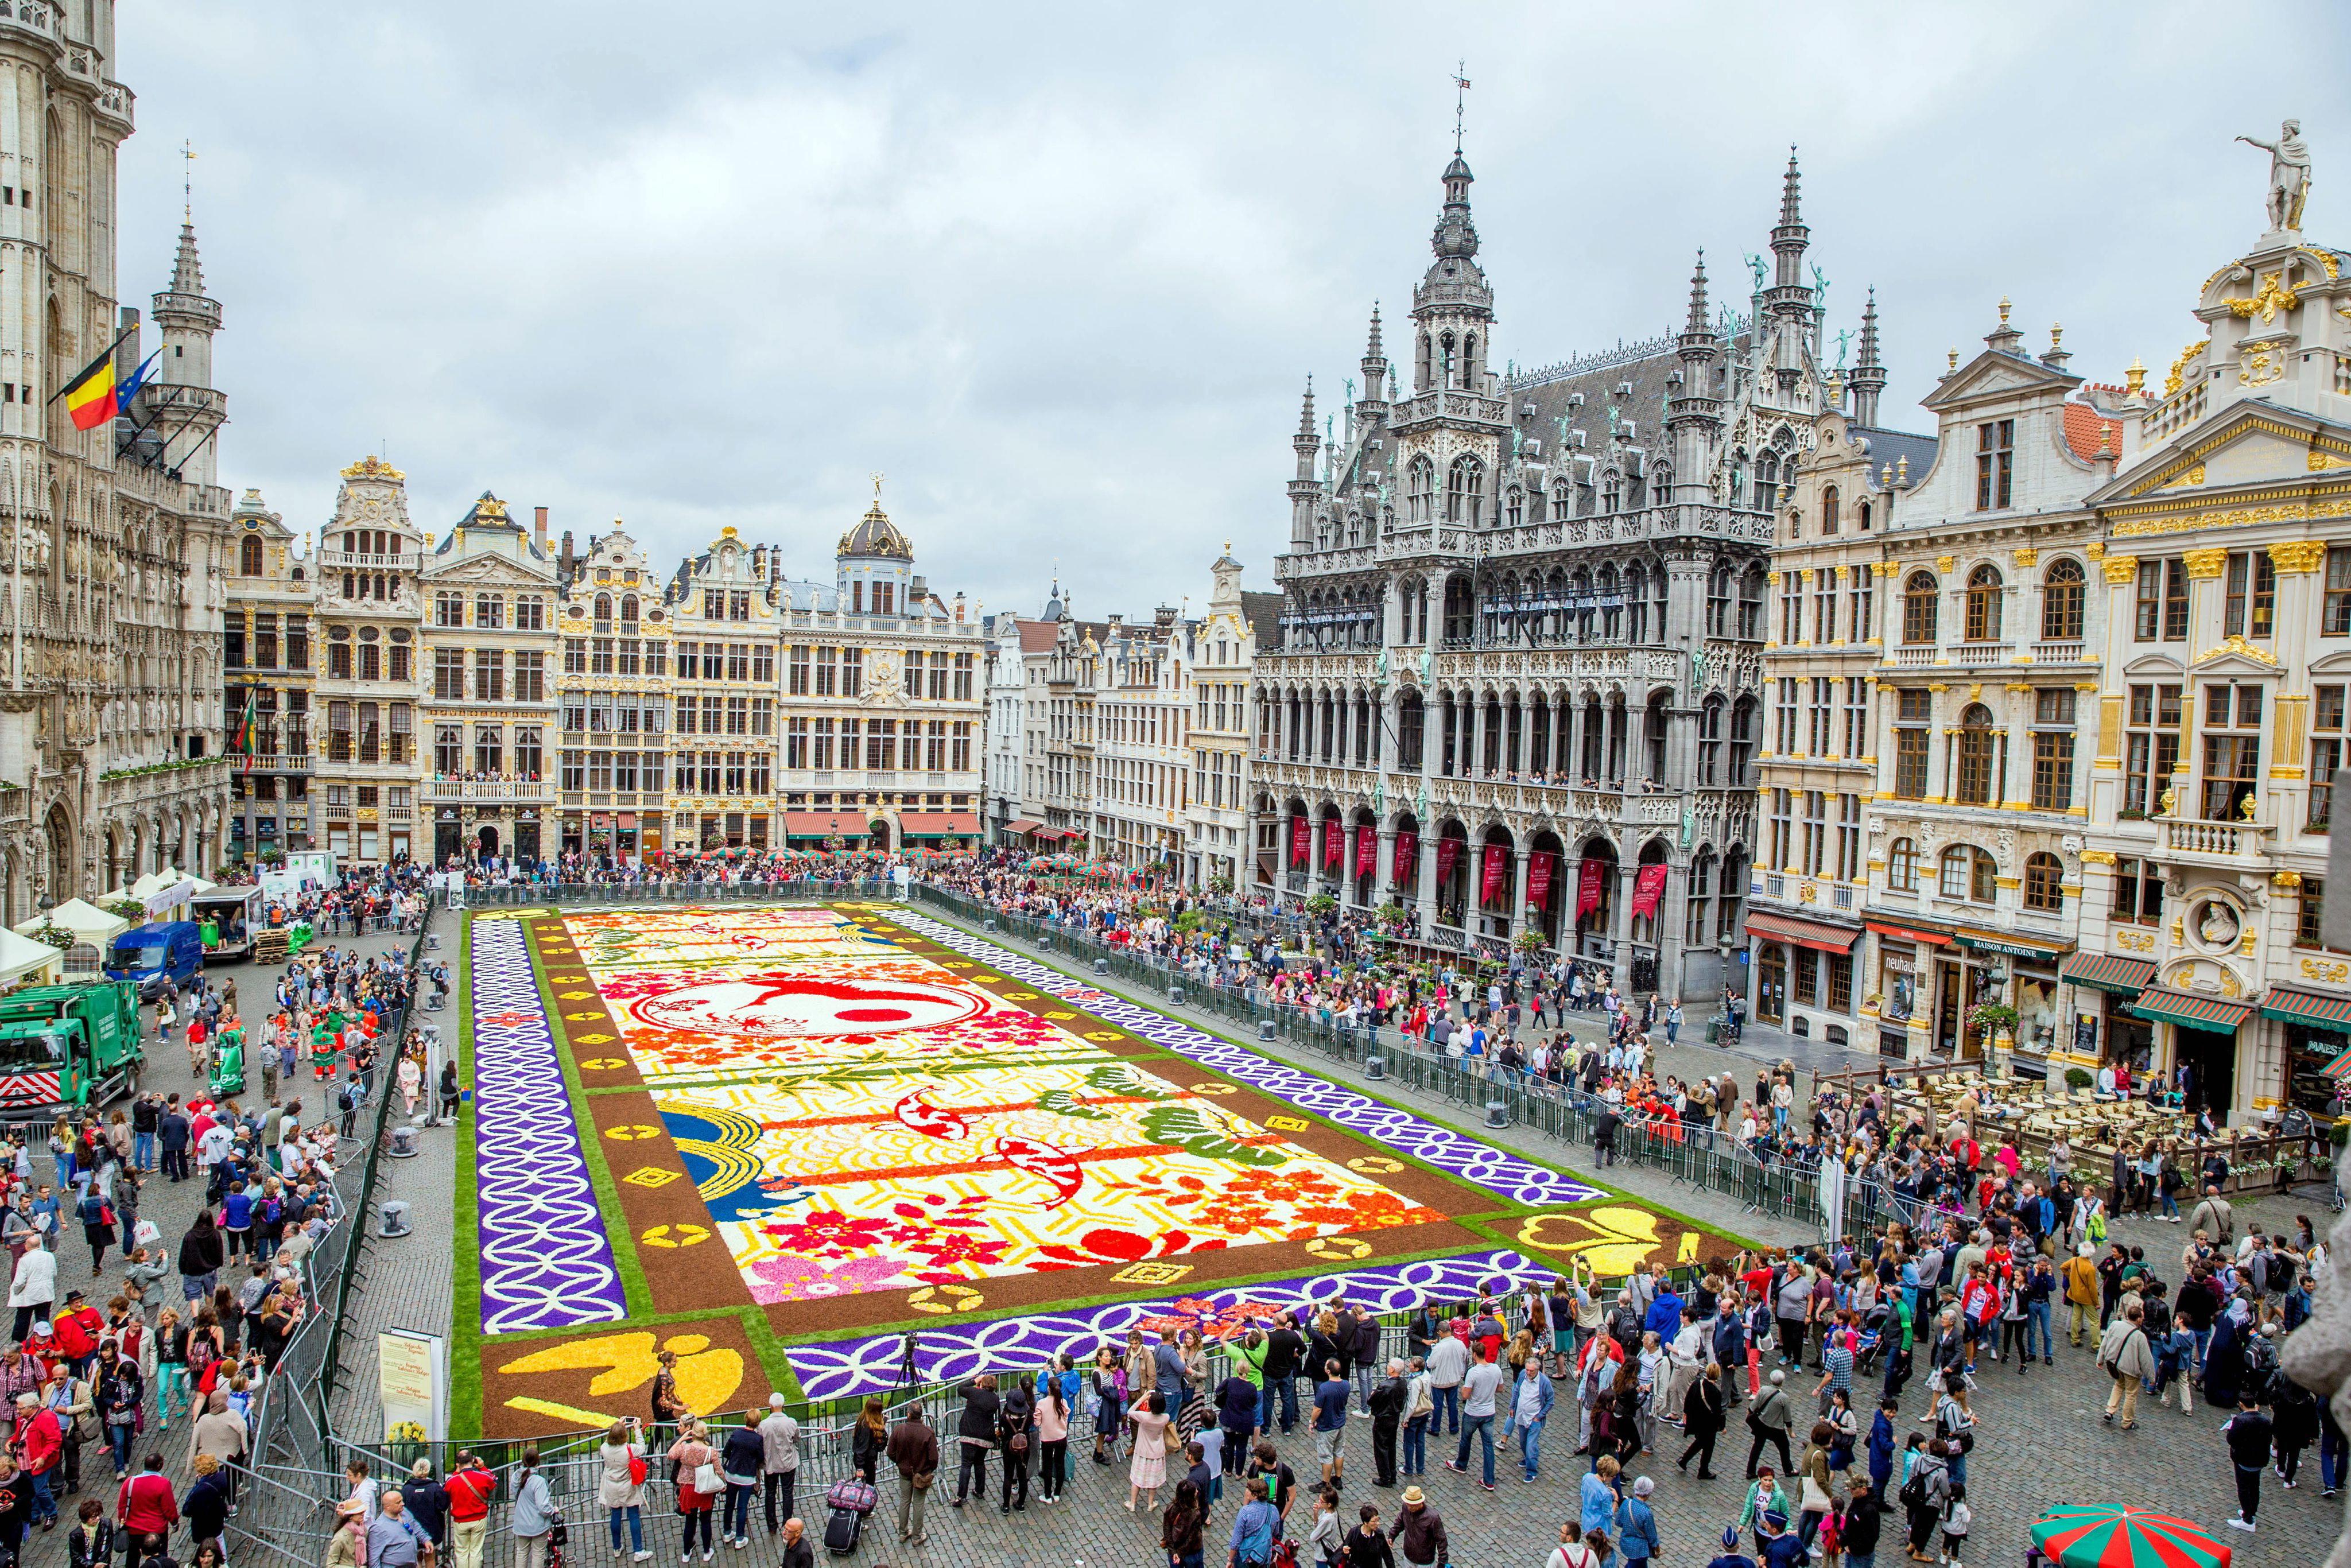 Na Grand Place W Brukseli Po Raz 20 Ułożono Kwiatowy Dywan